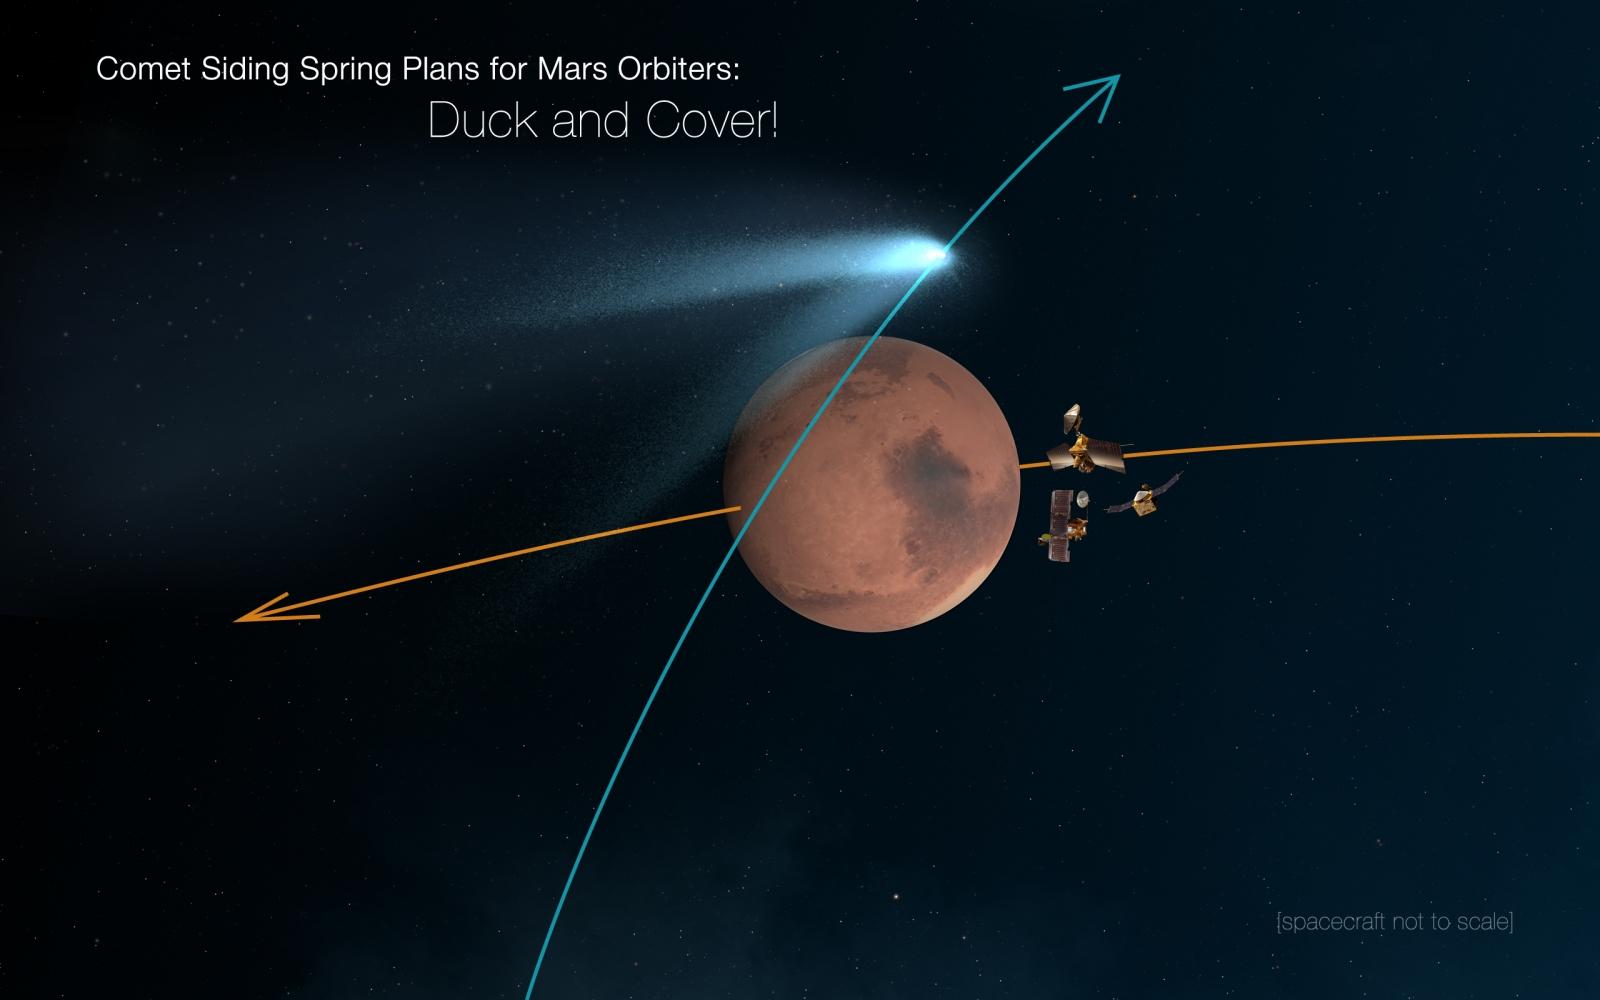 MARS ORBITERS3